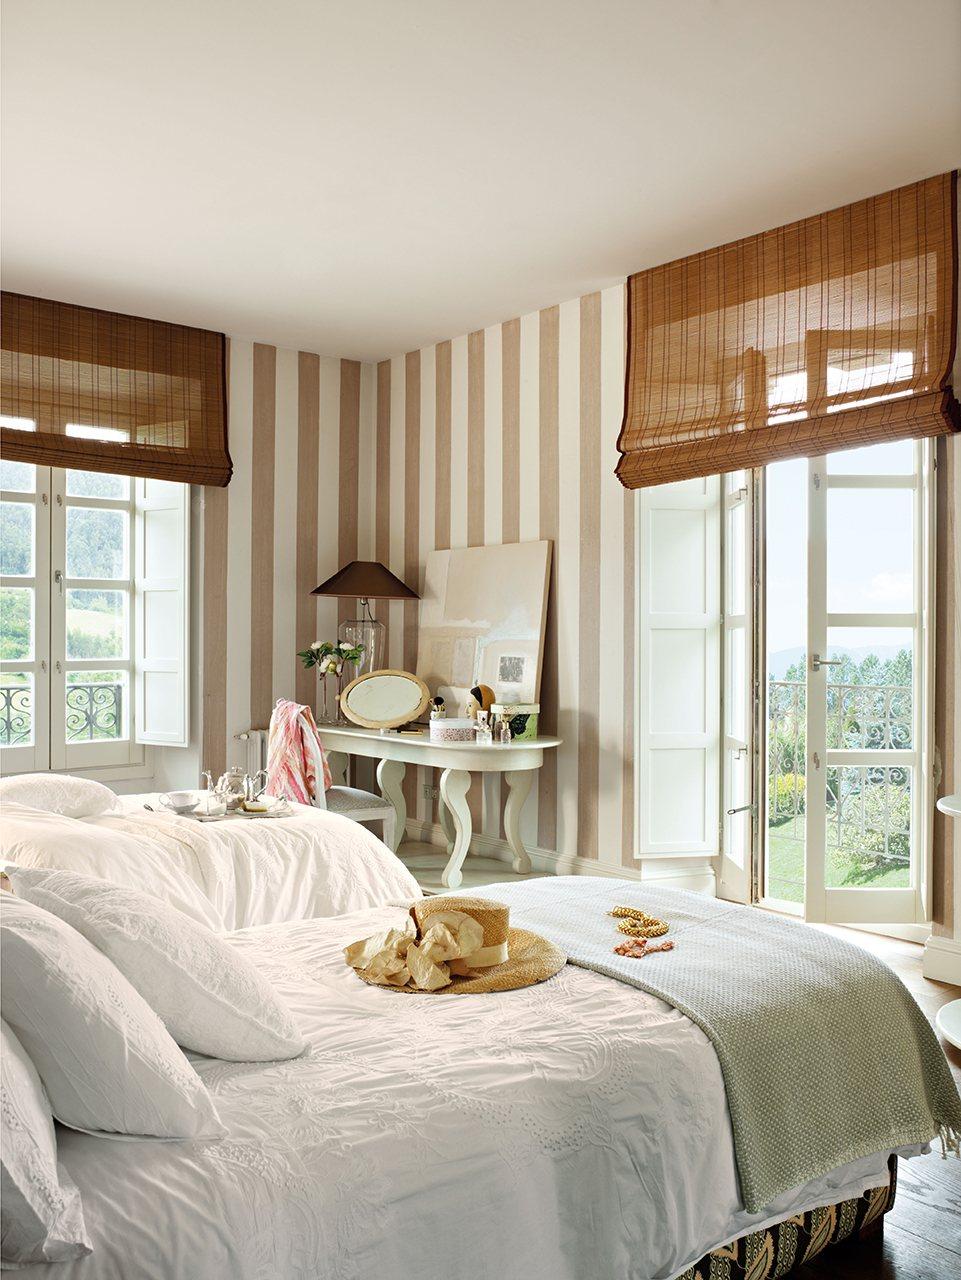 Dormitorio para compartir - Dormitorios juveniles el mueble ...